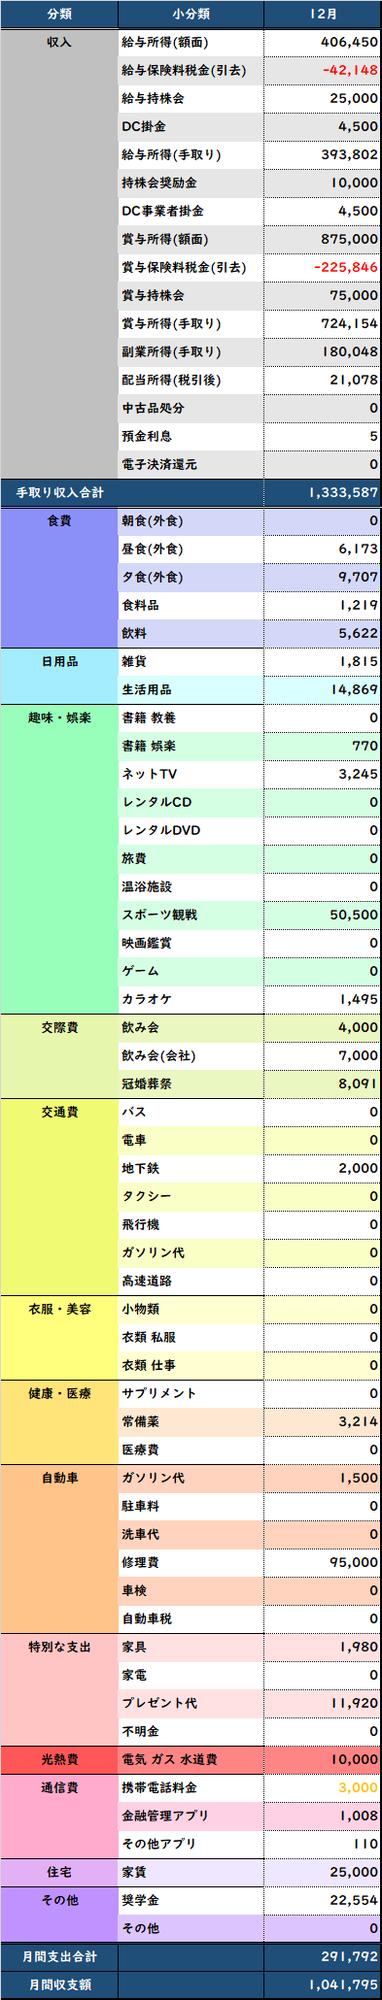 f:id:Hakurei:20200113112613p:plain